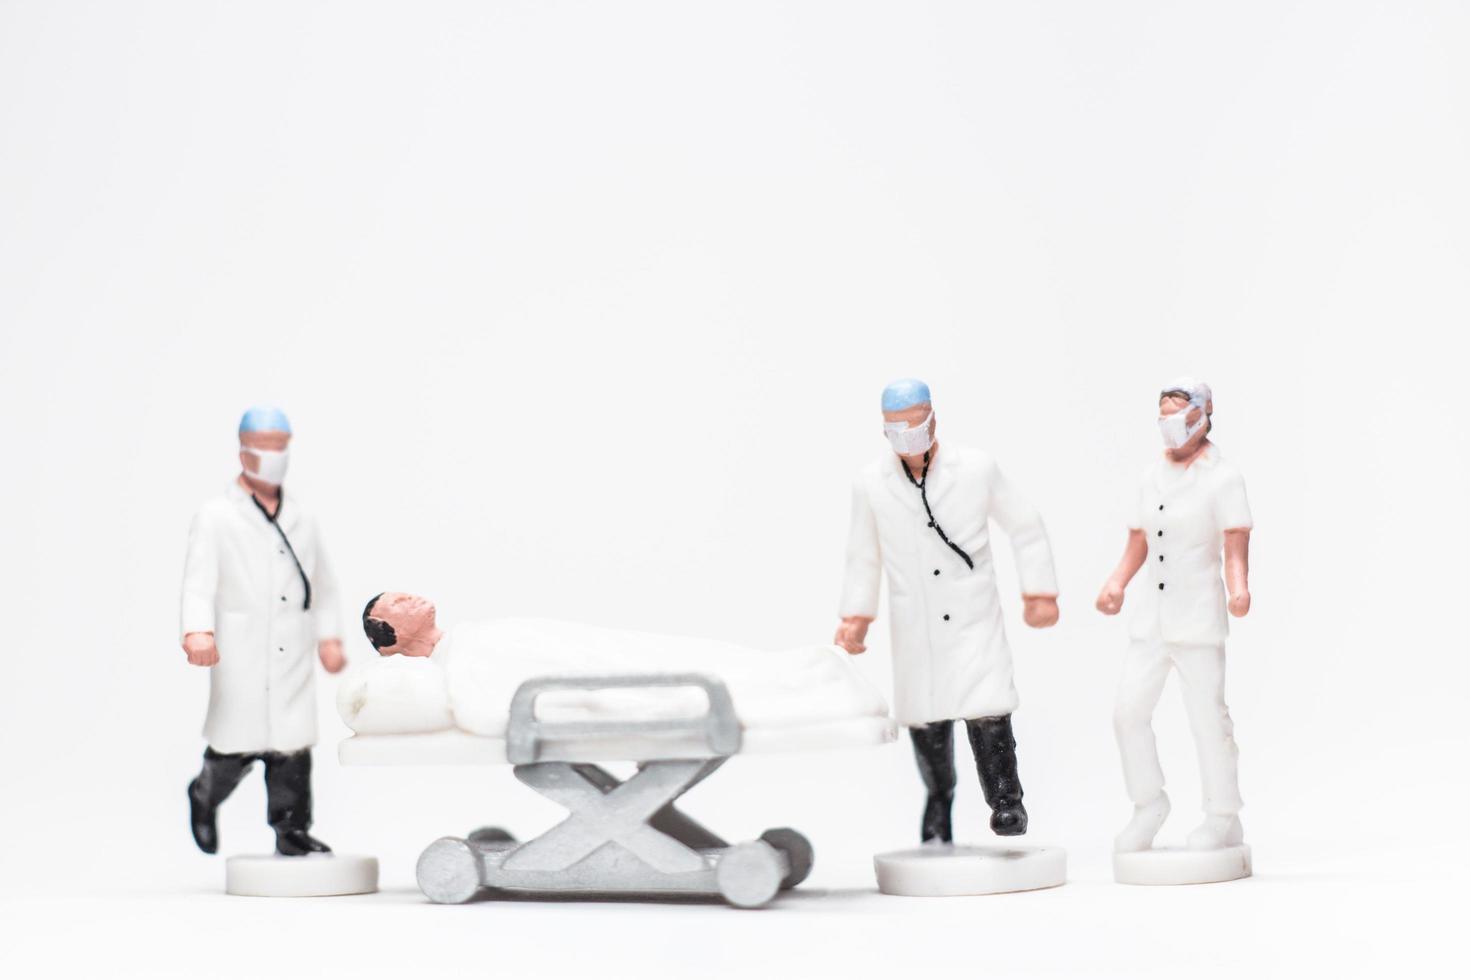 Foto conceptual simple, mini figura de médicos y enfermeras mini figura de evacuación de pacientes infectados